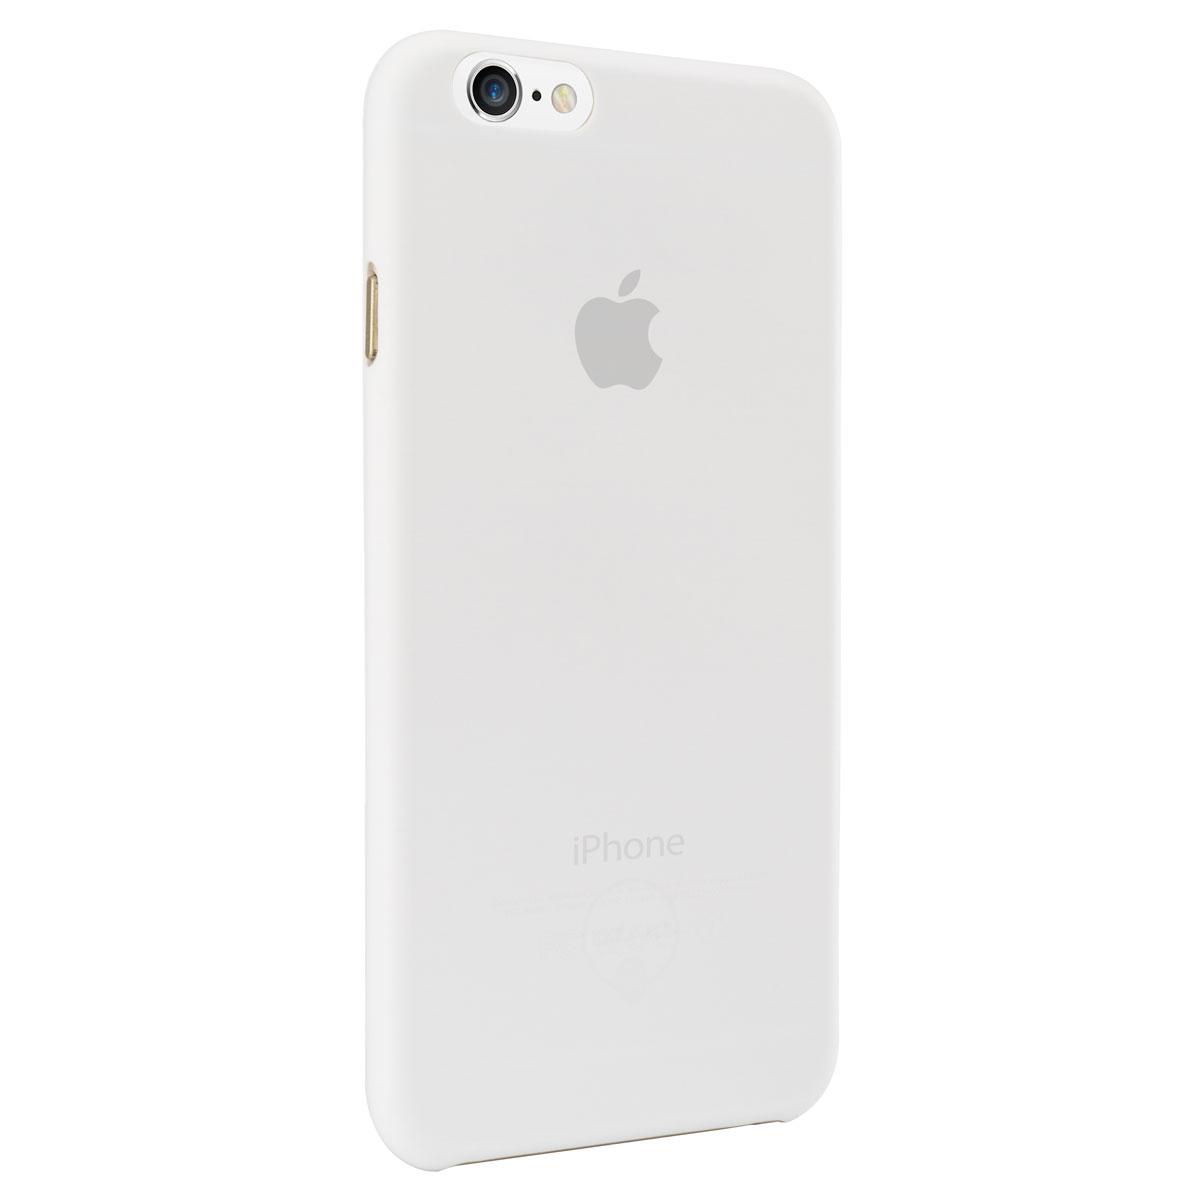 Ozaki O!coat 0.4 Jelly Сase чехол для iPhone 6 Plus, TransparentOC580TRУльтратонкий чехол Ozaki O!coat 0.4 Jelly Сase чехол для iPhone 6 Plus предназначен для защиты корпуса смартфона от механических повреждений и царапин в процессе эксплуатации. Имеется свободный доступ ко всем разъемам и кнопкам устройства. Толщина чехла составляет 0,43 мм. В комплект также входит защитная пленка на экран устройства.